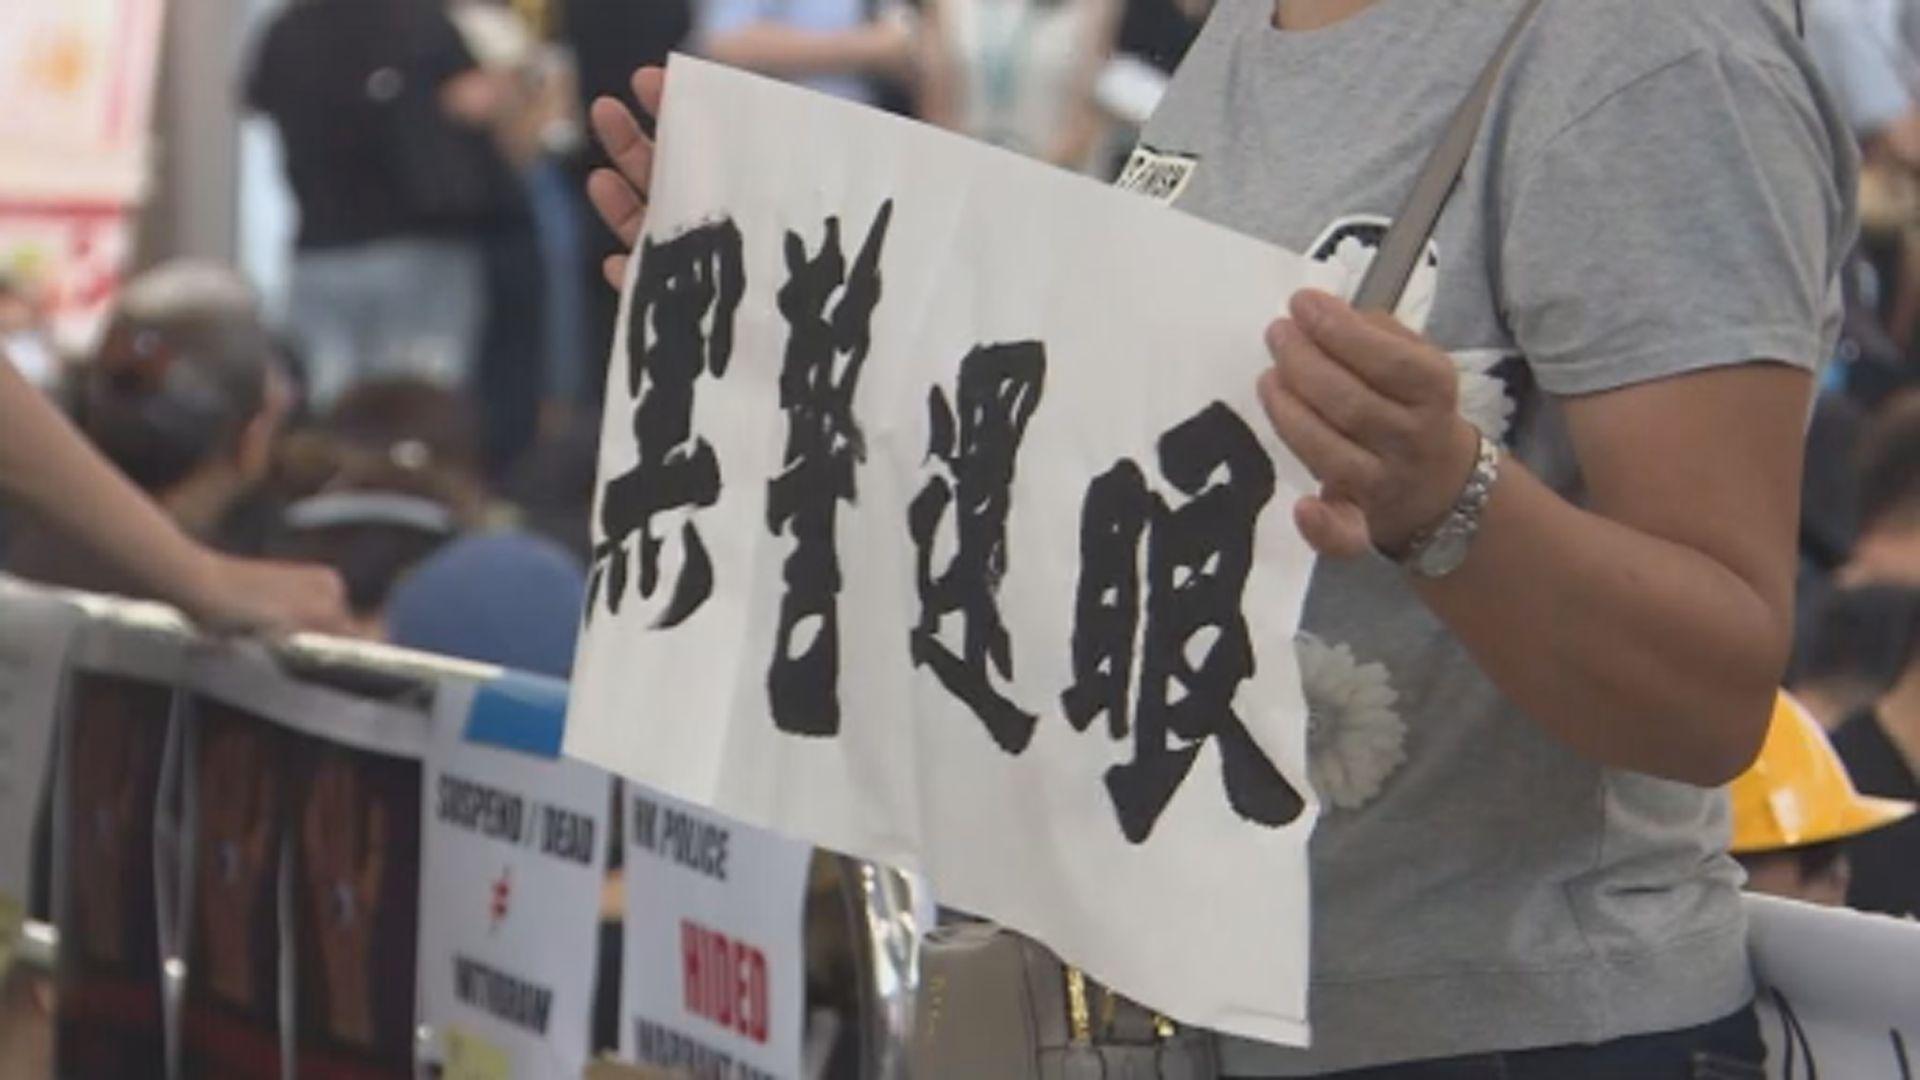 【機場示威】有人在機管局劃定不准停留通道來回遊走